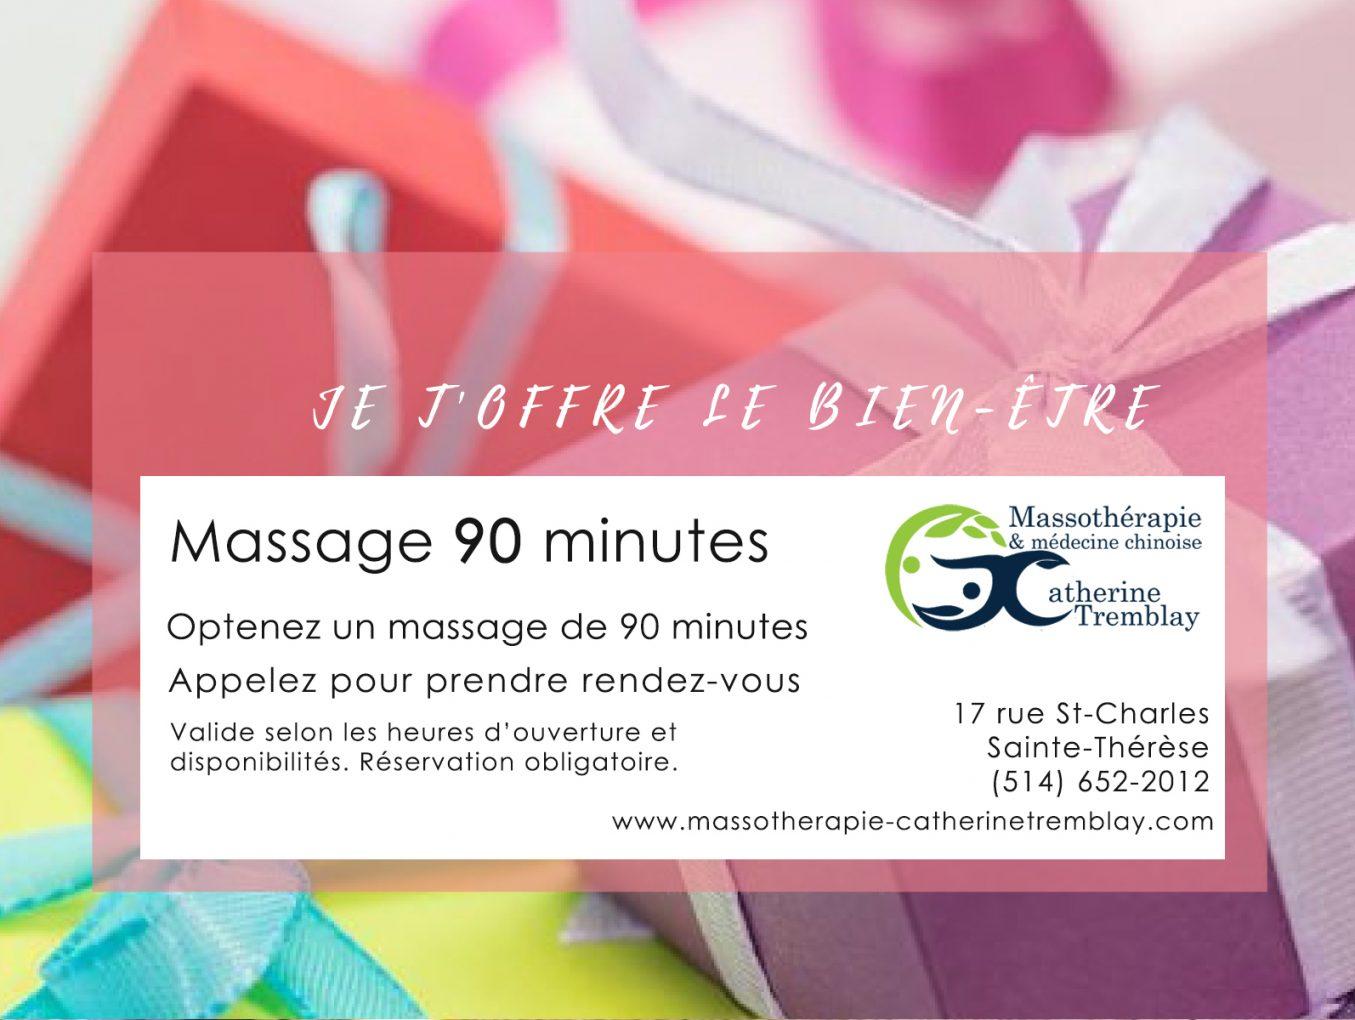 Soins de massage 90 minutes